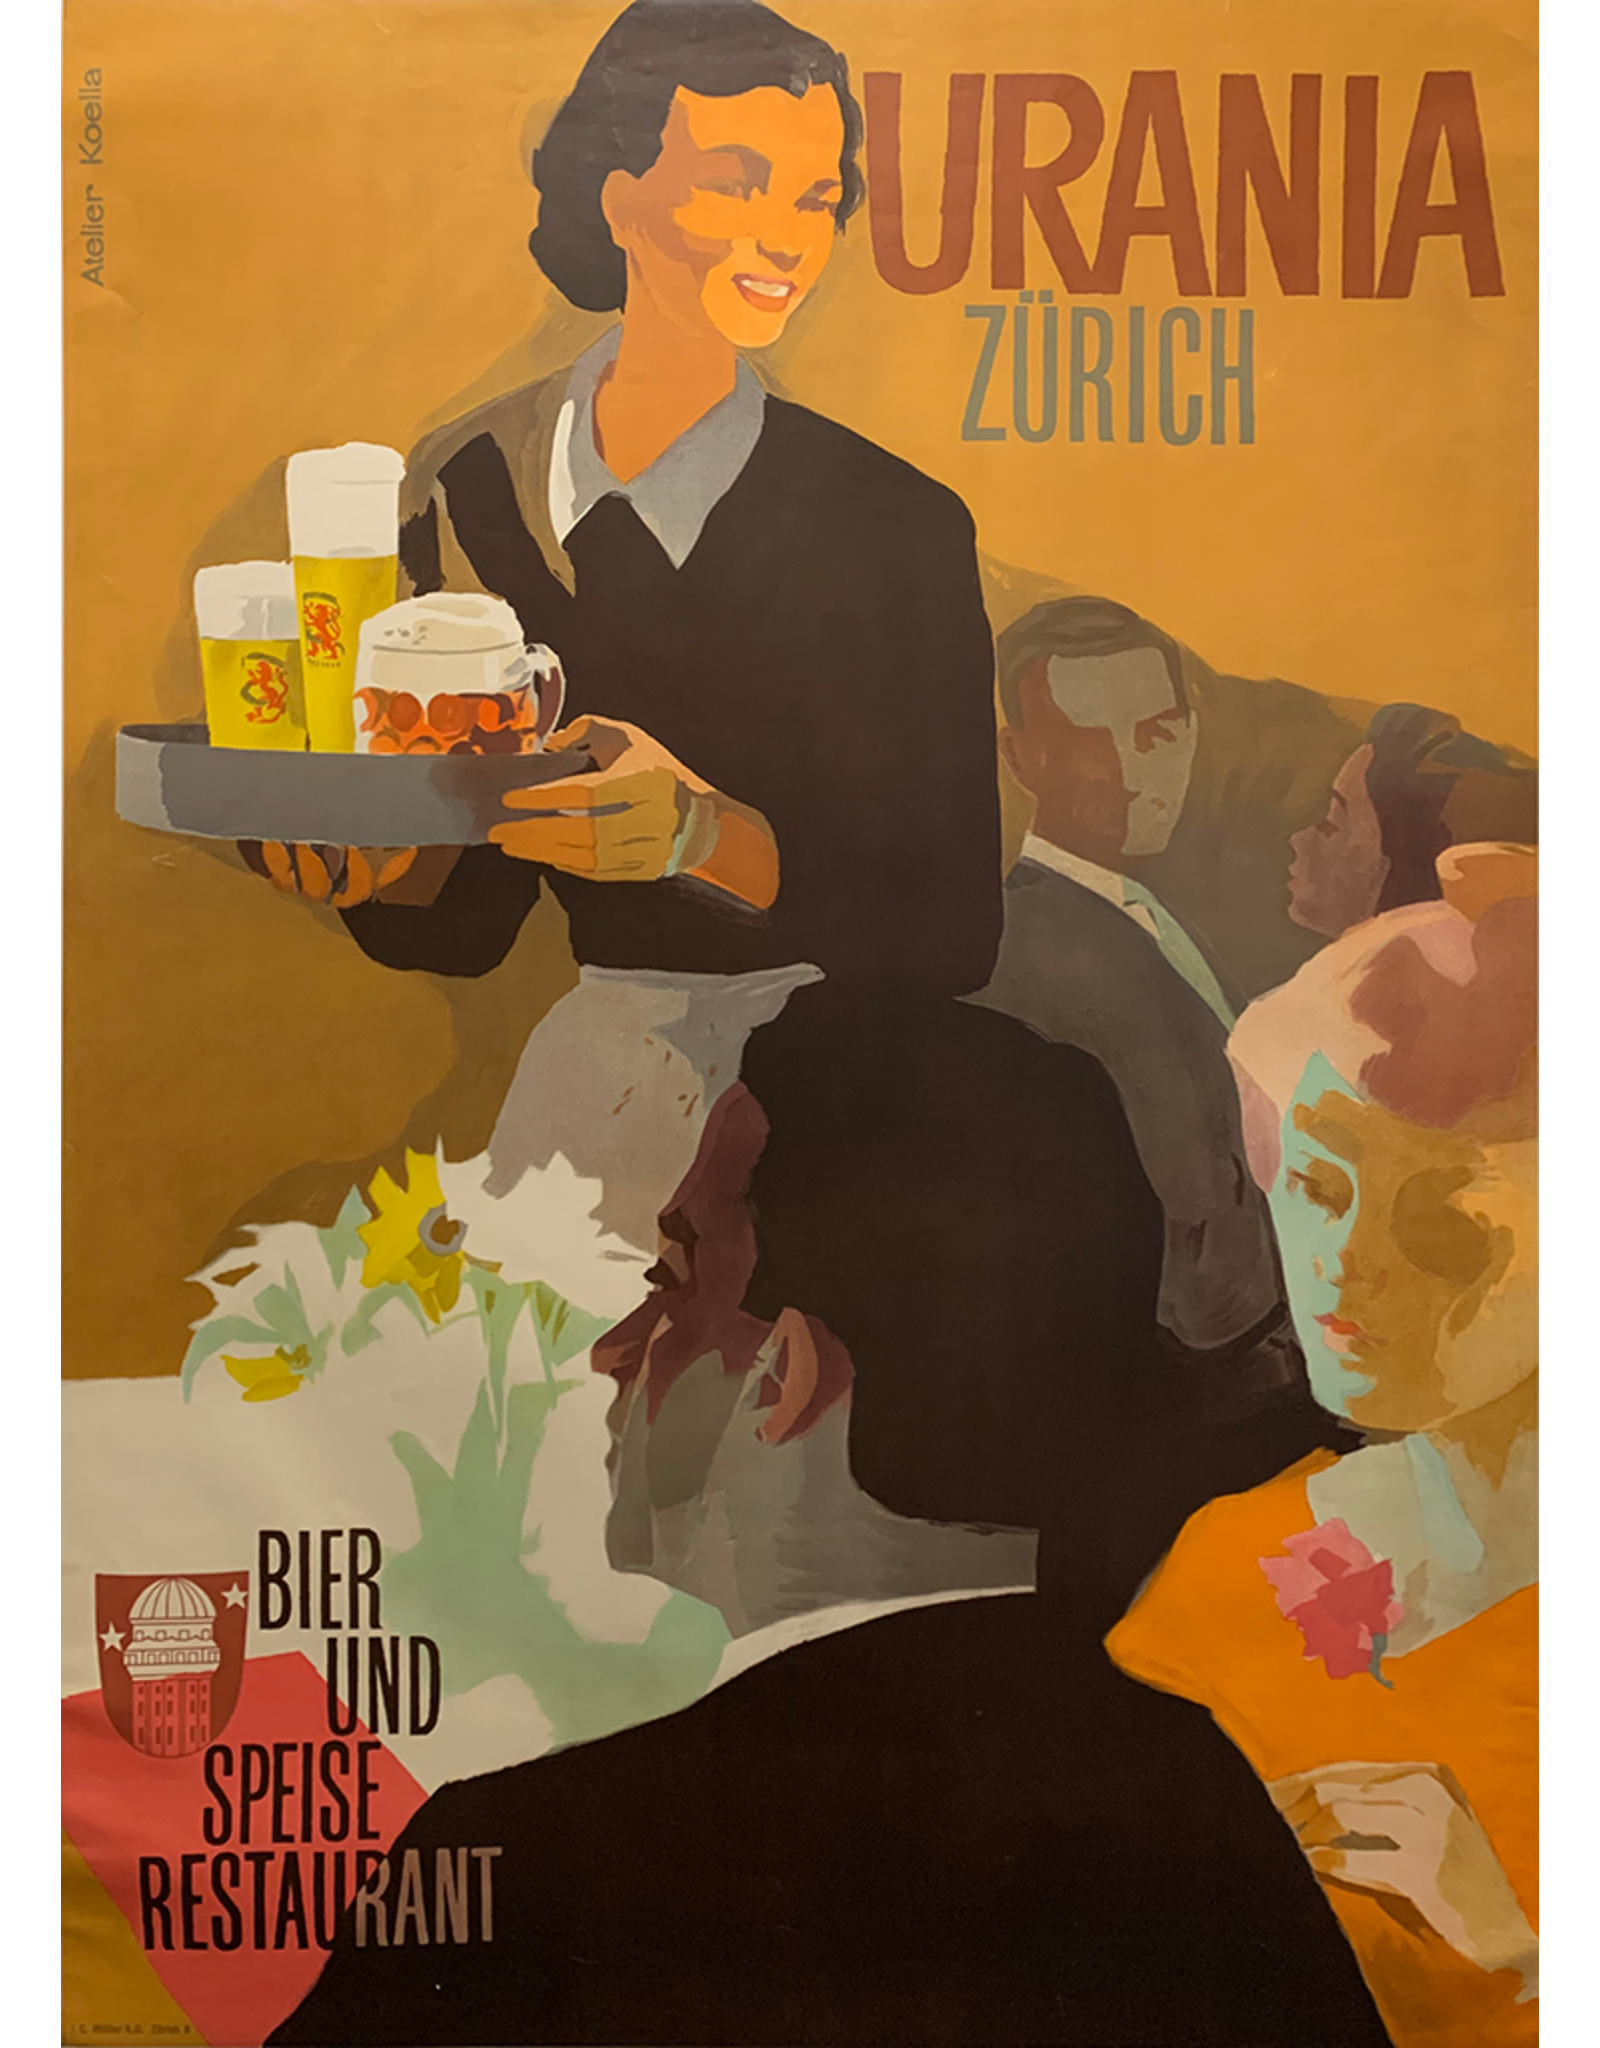 SPV Urana, Zurich Bier and Speise Restaurant